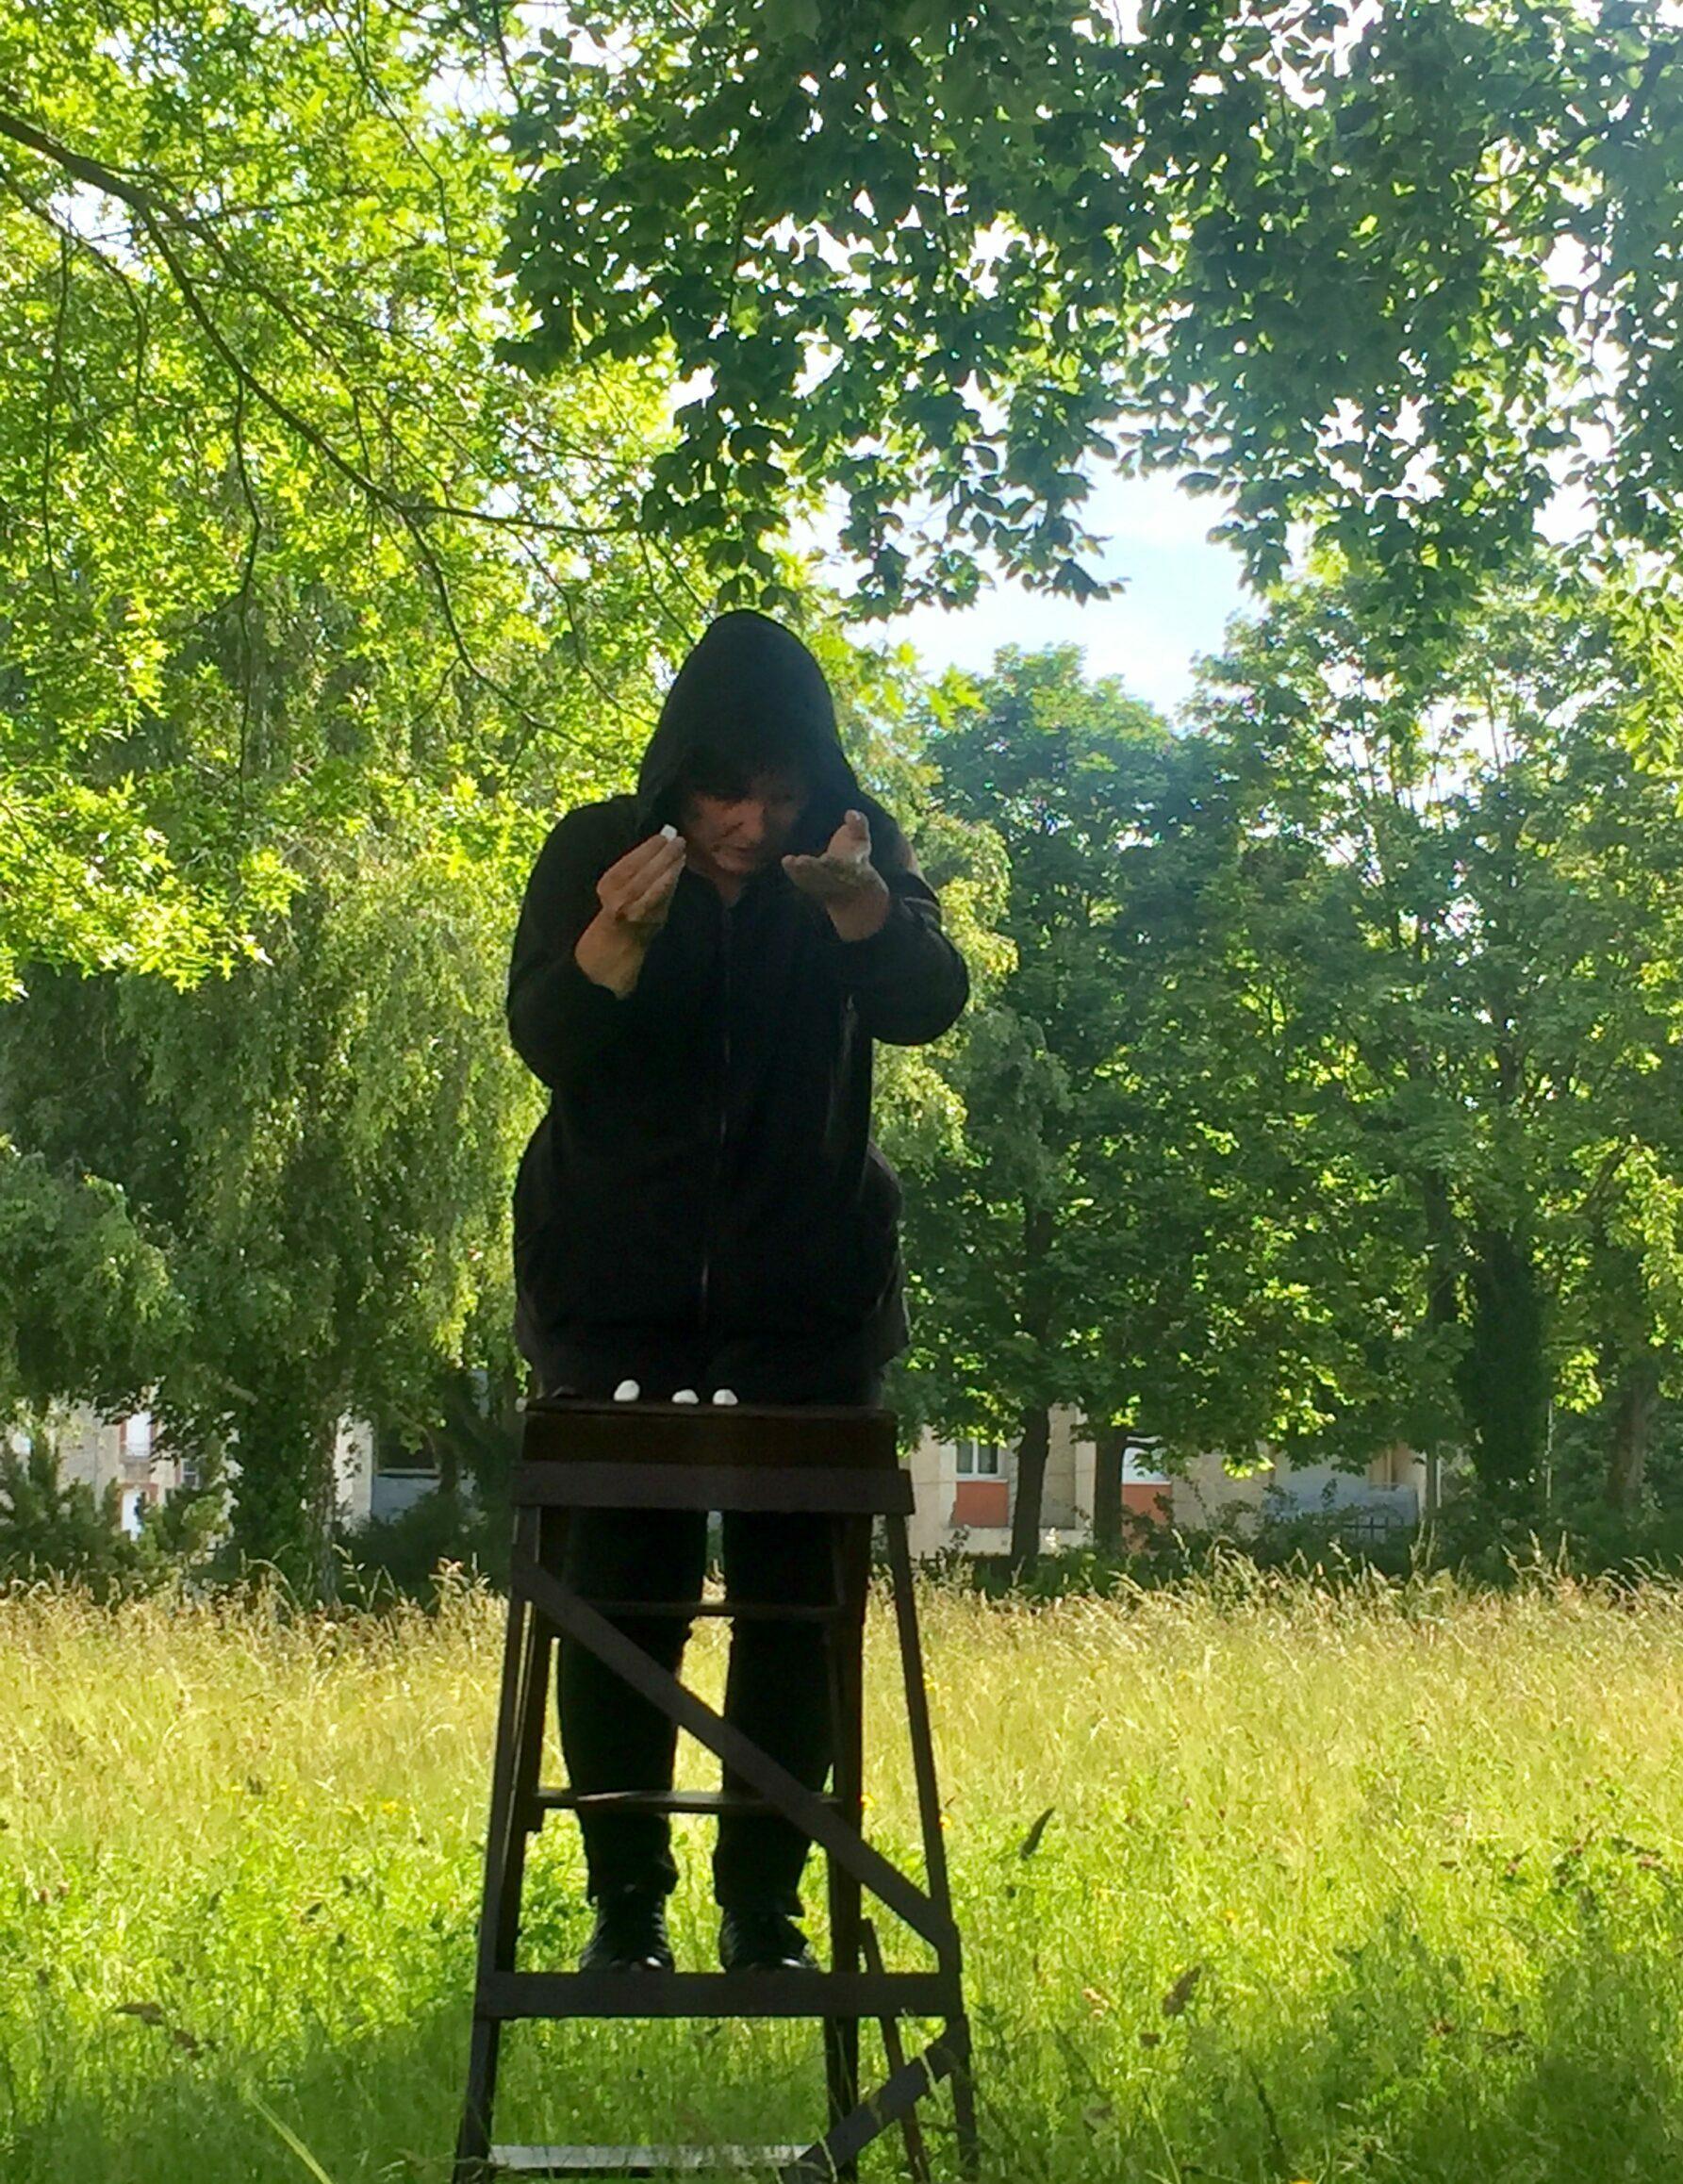 Venez découvrir «Le jours des cailloux – sous l'arbre» le 28 août à la Villa Carmélie